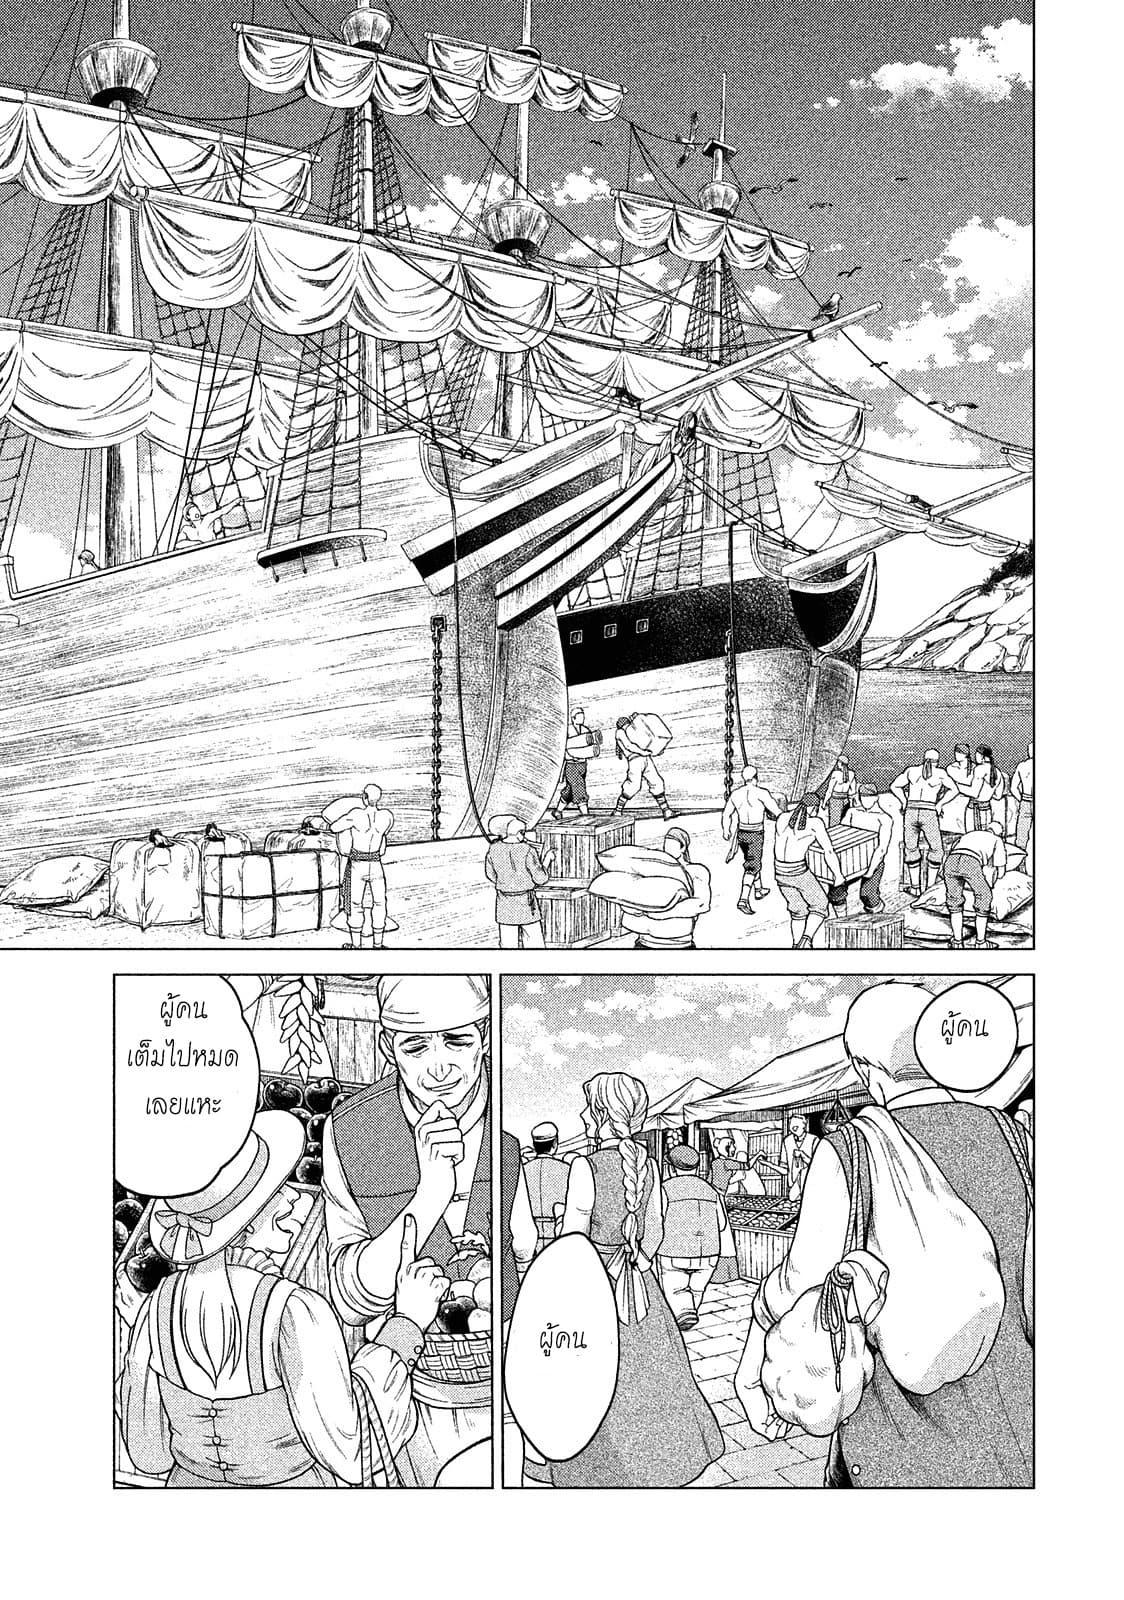 อ่านการ์ตูน Henkyou no Roukishi - Bard Loen ตอนที่ 6 หน้าที่ 1